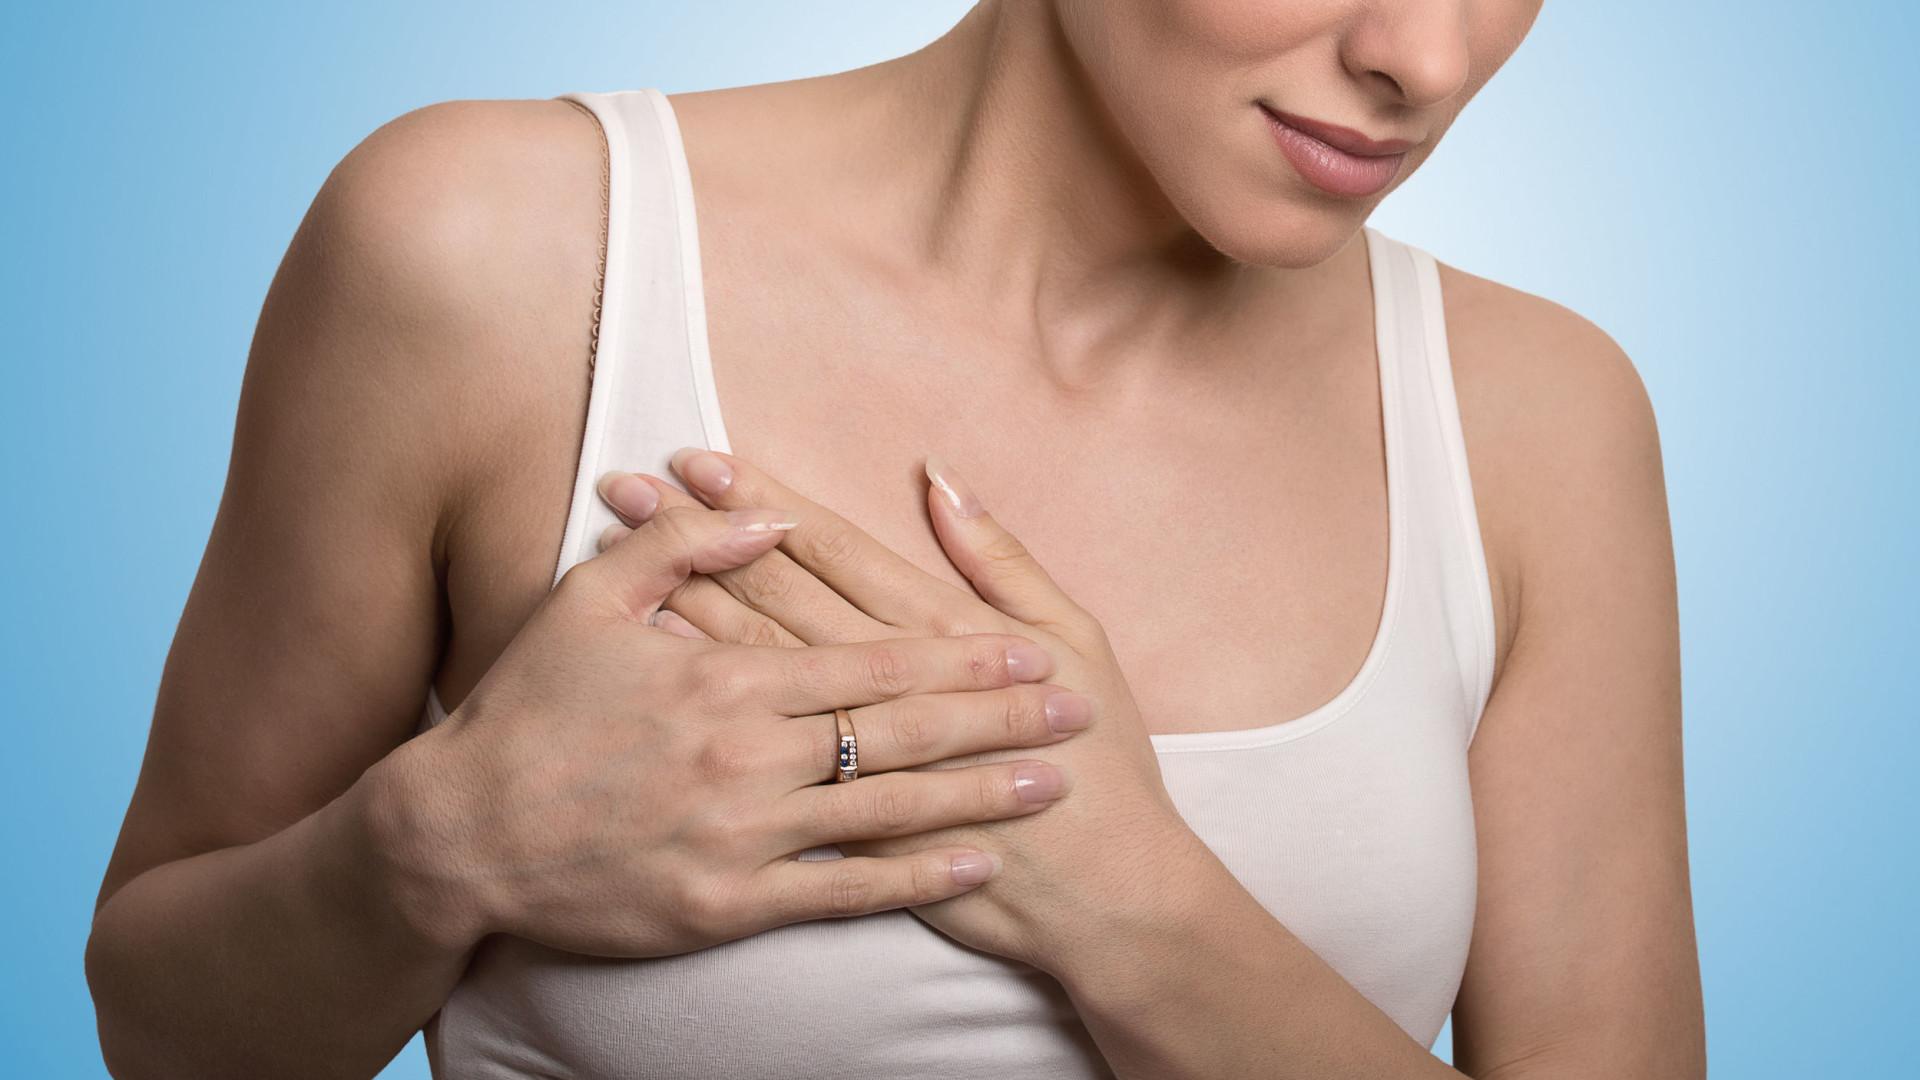 lumps in women breast